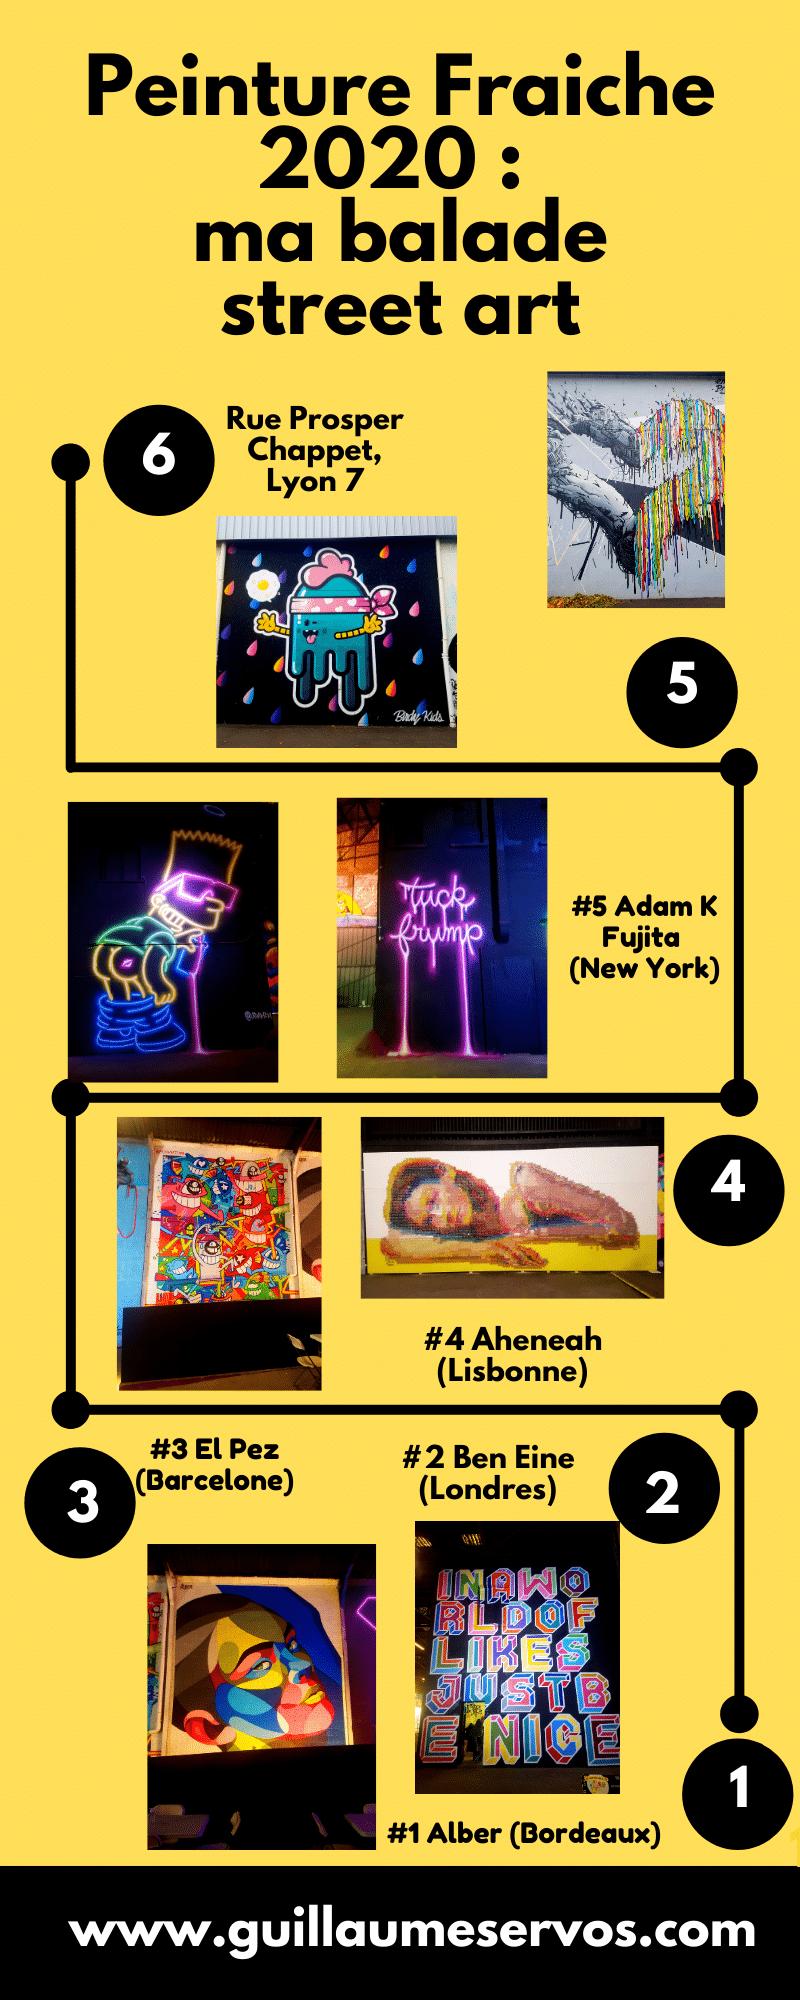 Découvre le festival street art Peinture Fraiche 2020 à la Halle Debourg à Lyon. Mes coups de cœur, mes découvertes et les street artistes que tu as ratés.